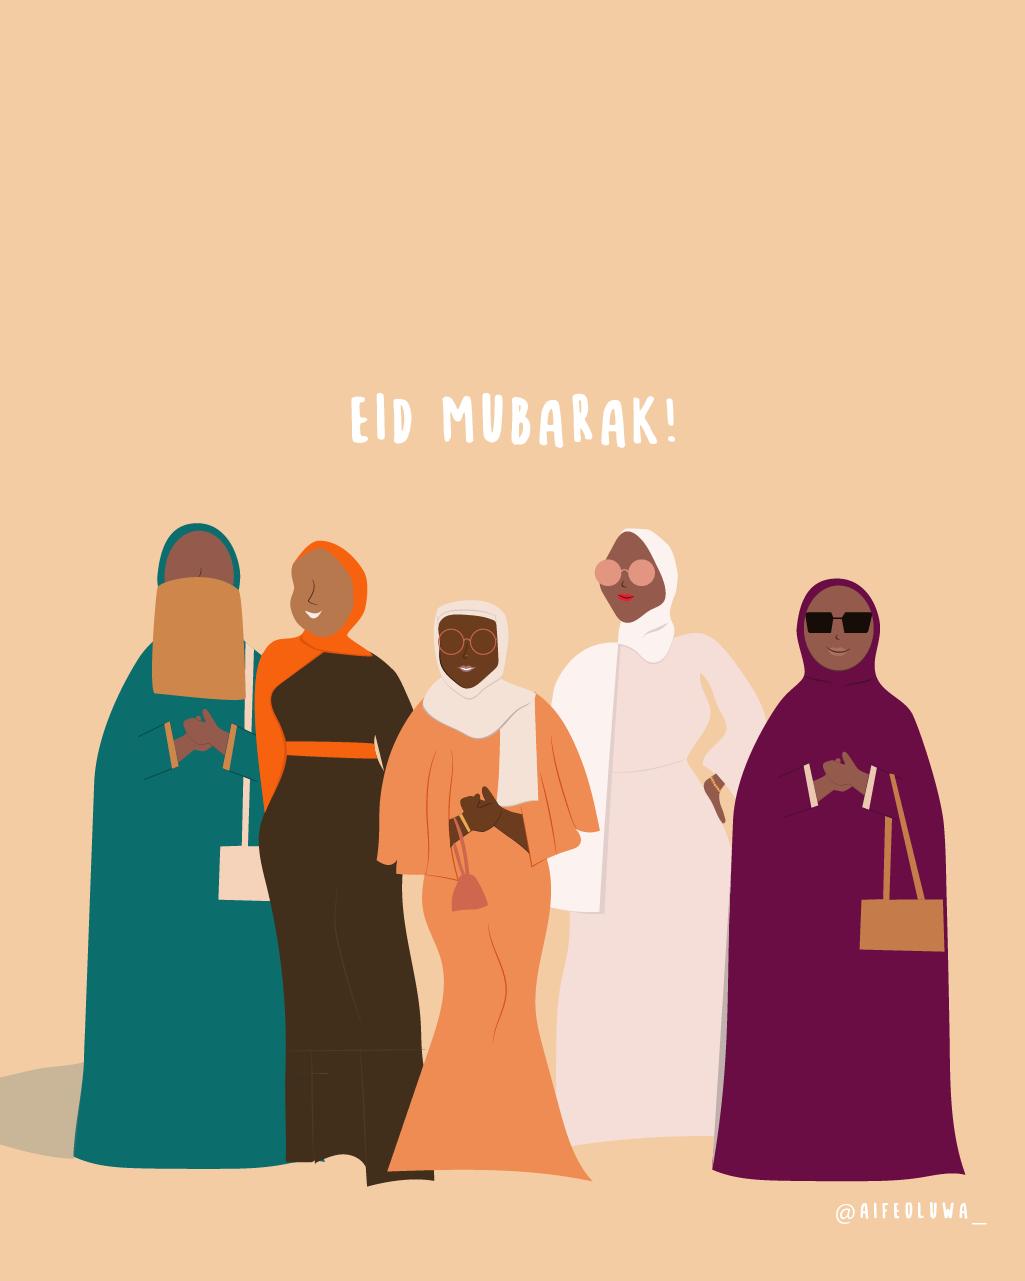 Artboard 22-eid